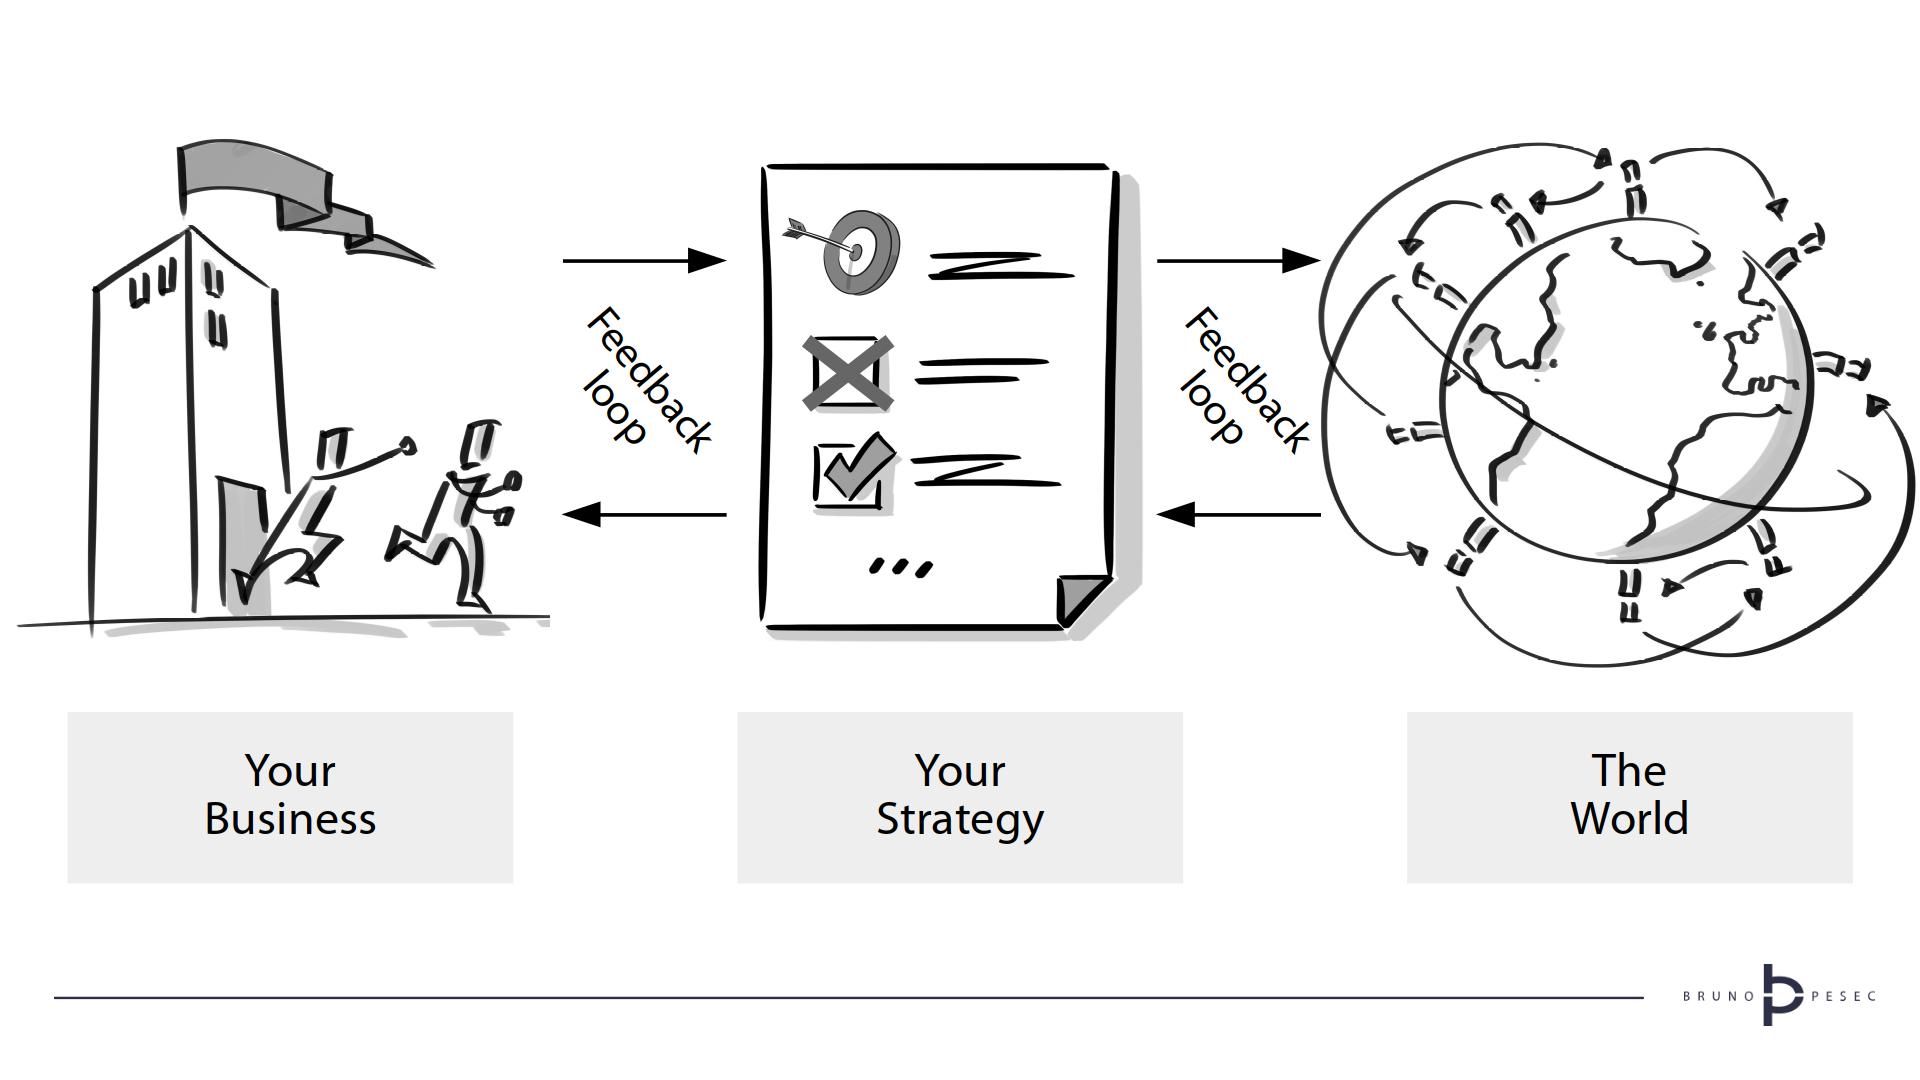 Dynamic Strategy - Strategic Feedback Loops - © Bruno Pesec, 2020